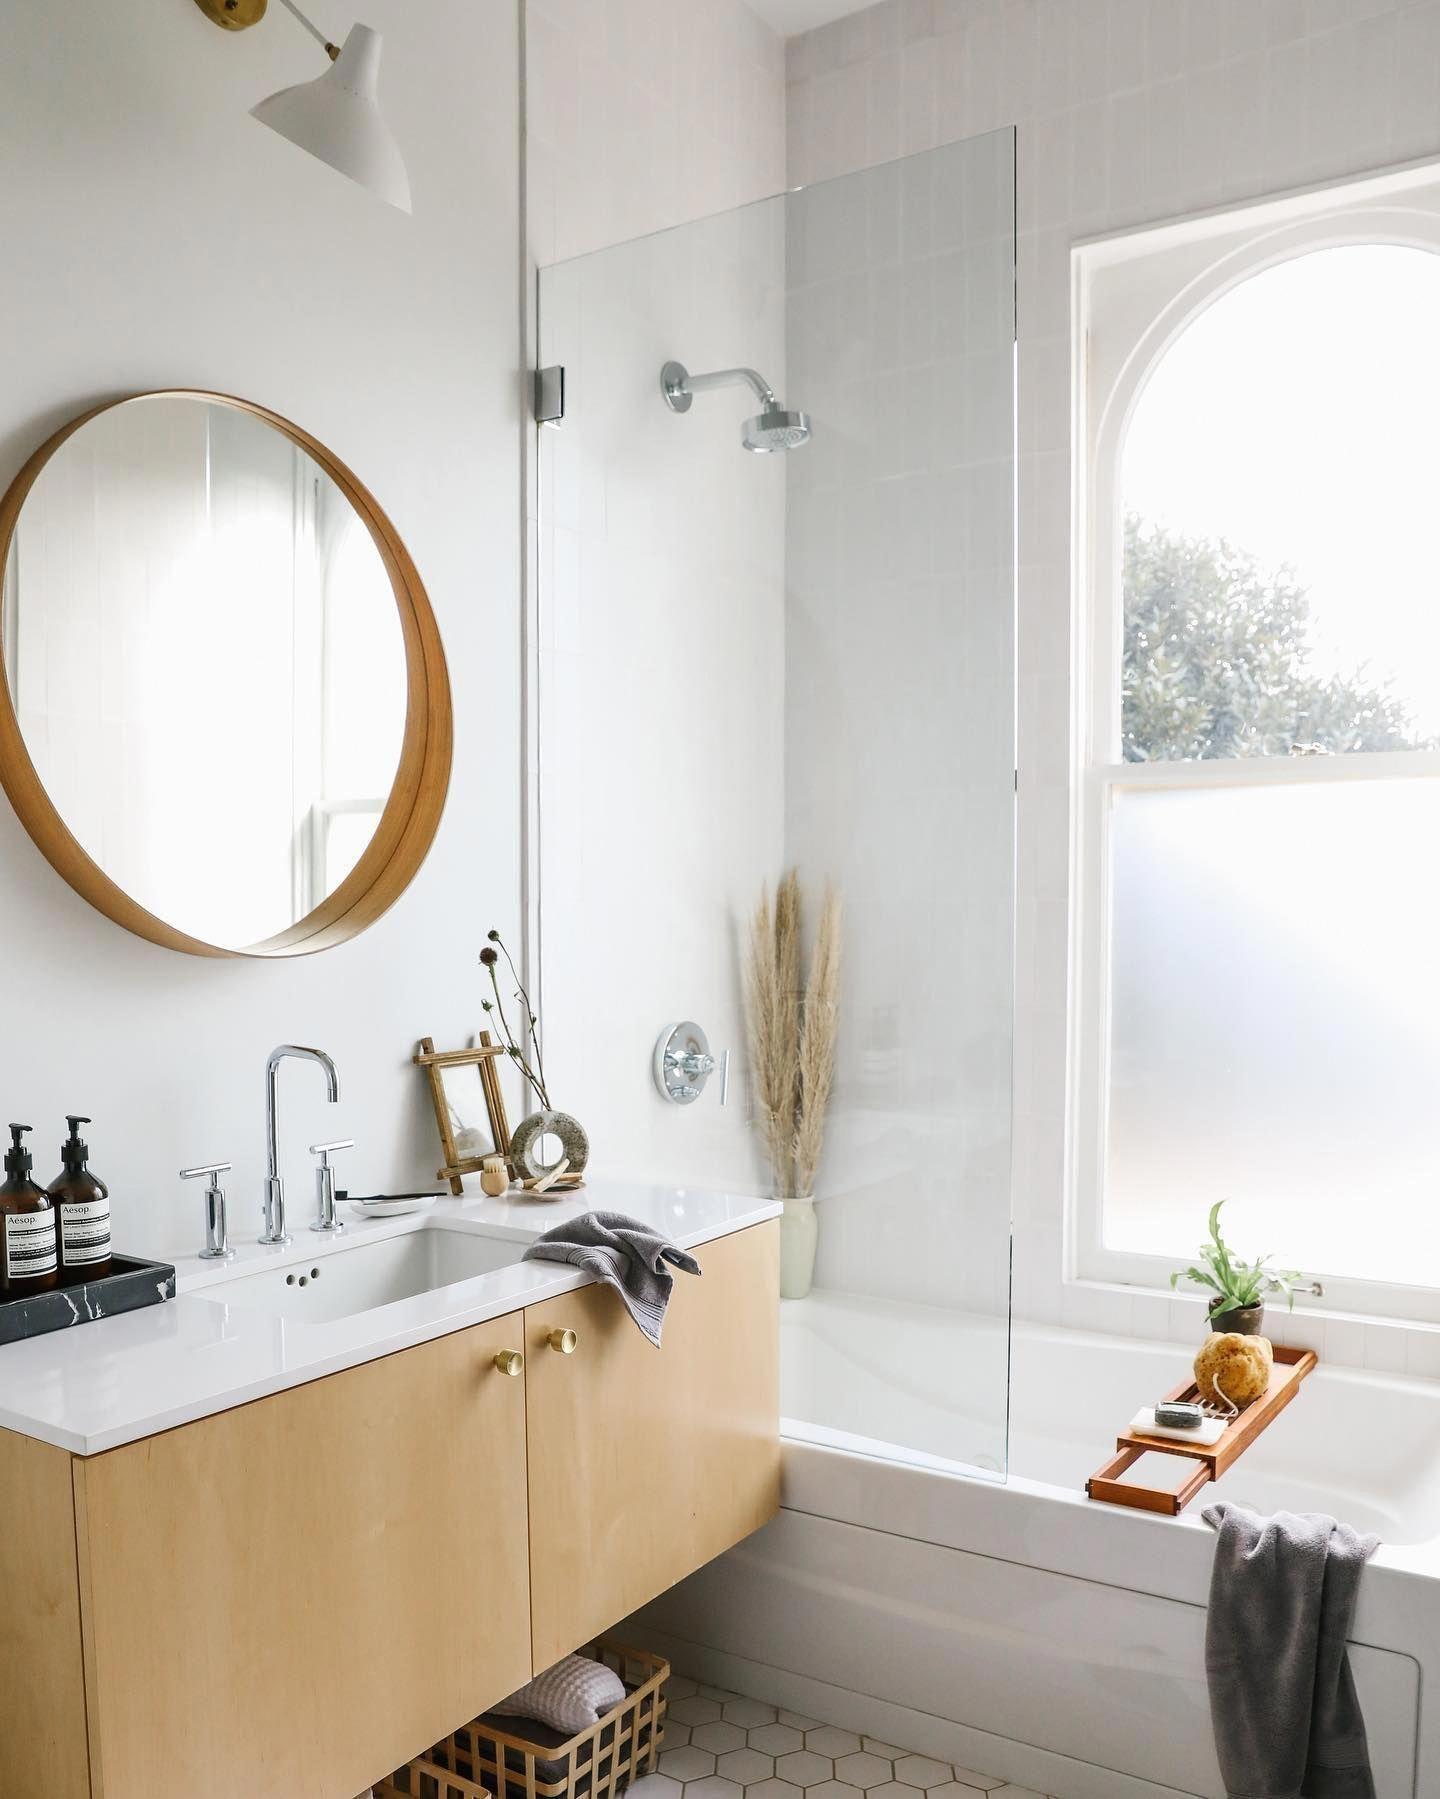 Günstige Badezimmer Renovierung   Wohnzimmer Ideen